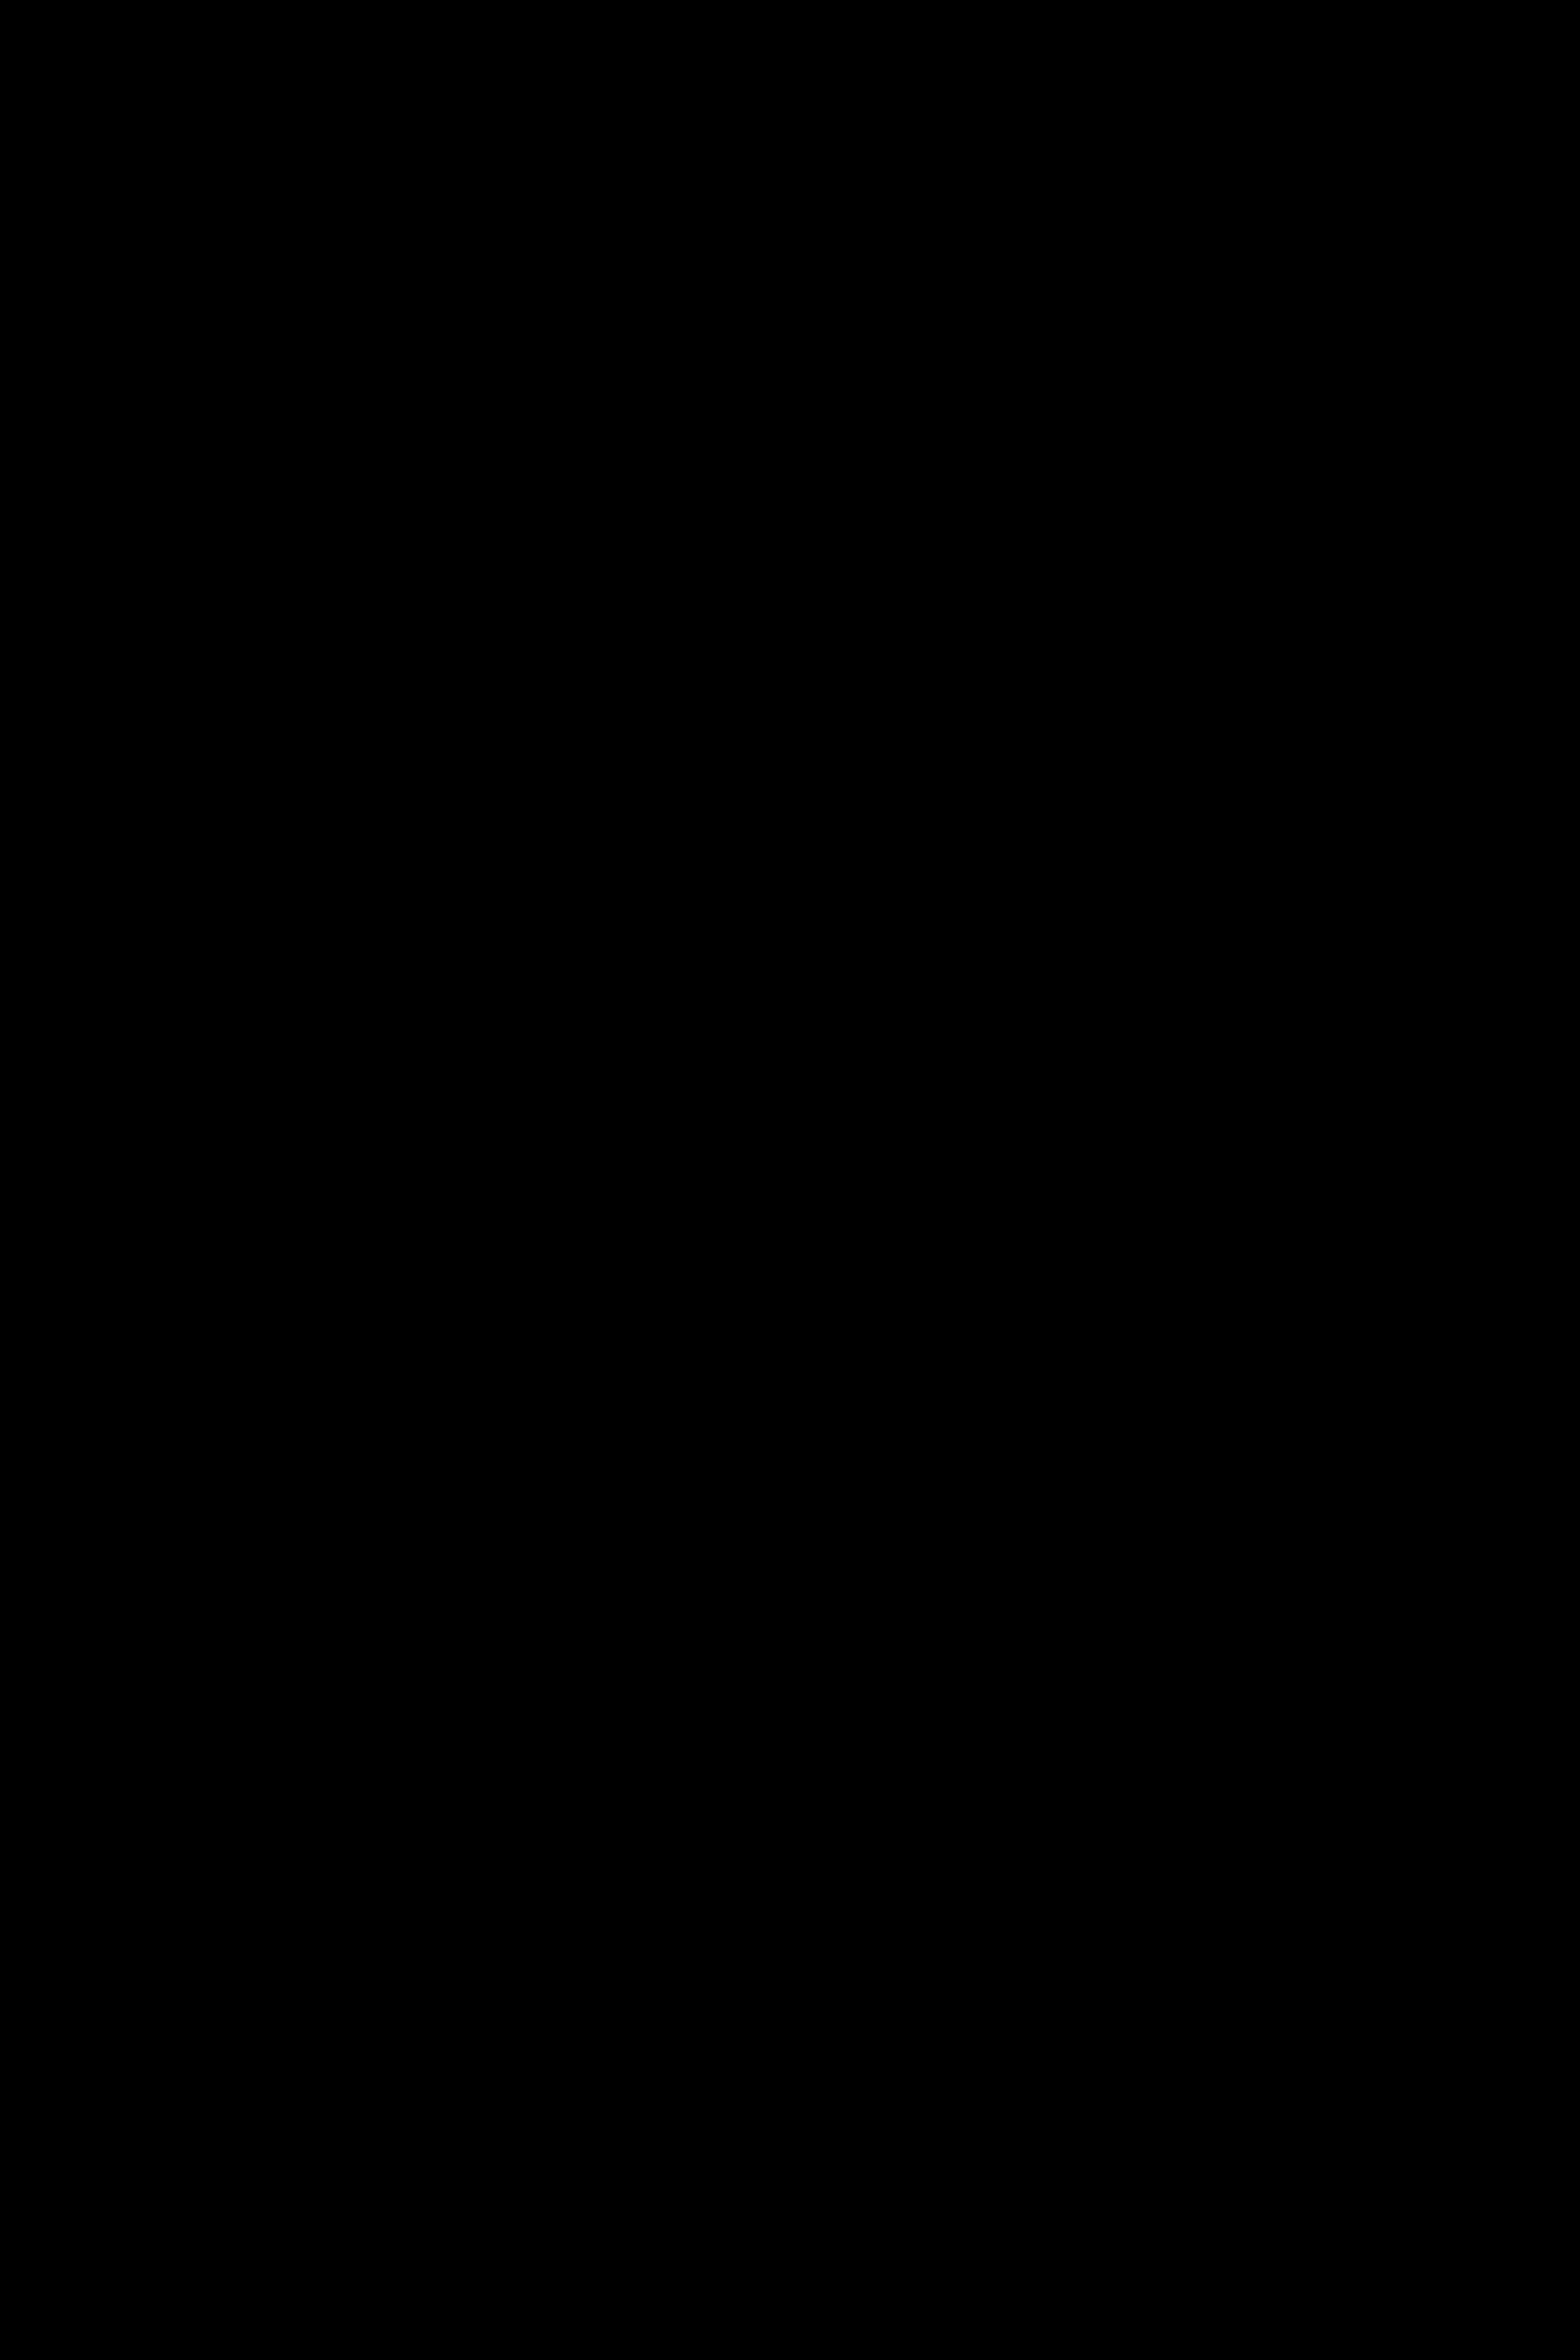 PROB DEO med Eukalyptus och CitrongräsNu lanserar vi ut en ny Deo som fyller exakt samma funktion som vår andra Deo. I den här finns inte Trätjäran utan ersatts av andra råvaror som bla Eukalyptus, Citrongräs och Kamfer. Ger en fräsch doft. Ger häst och ryttare trivsel med PROB Deo, giftfritt.Döljer och håller hästens kropp fräsch i alla förhållanden.Den är ett effektivt bra alternativ som förändrar och döljer hästens doft.Deon ger välmående för häst och ryttare.Lämpar sig utmärkt även till andra djur.